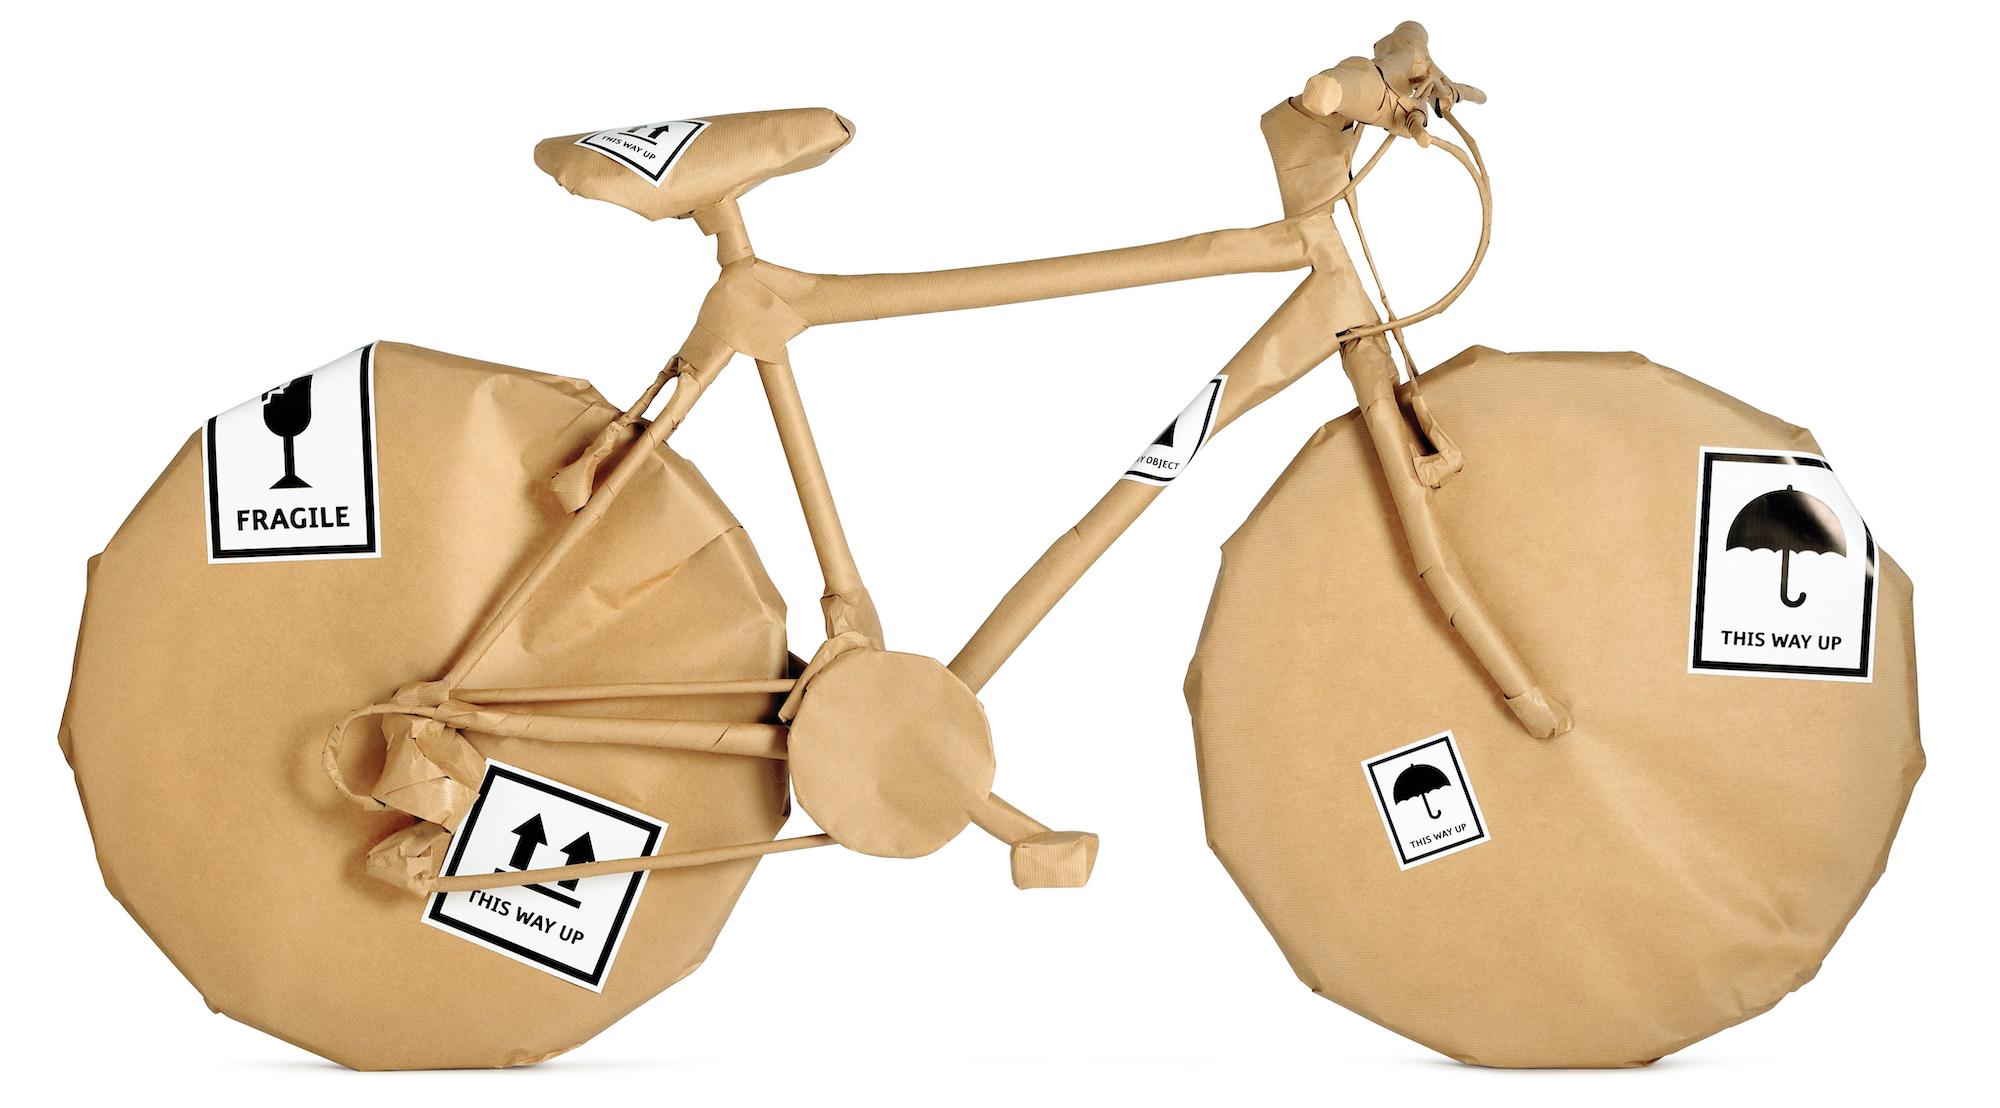 fietsen bezorgen software